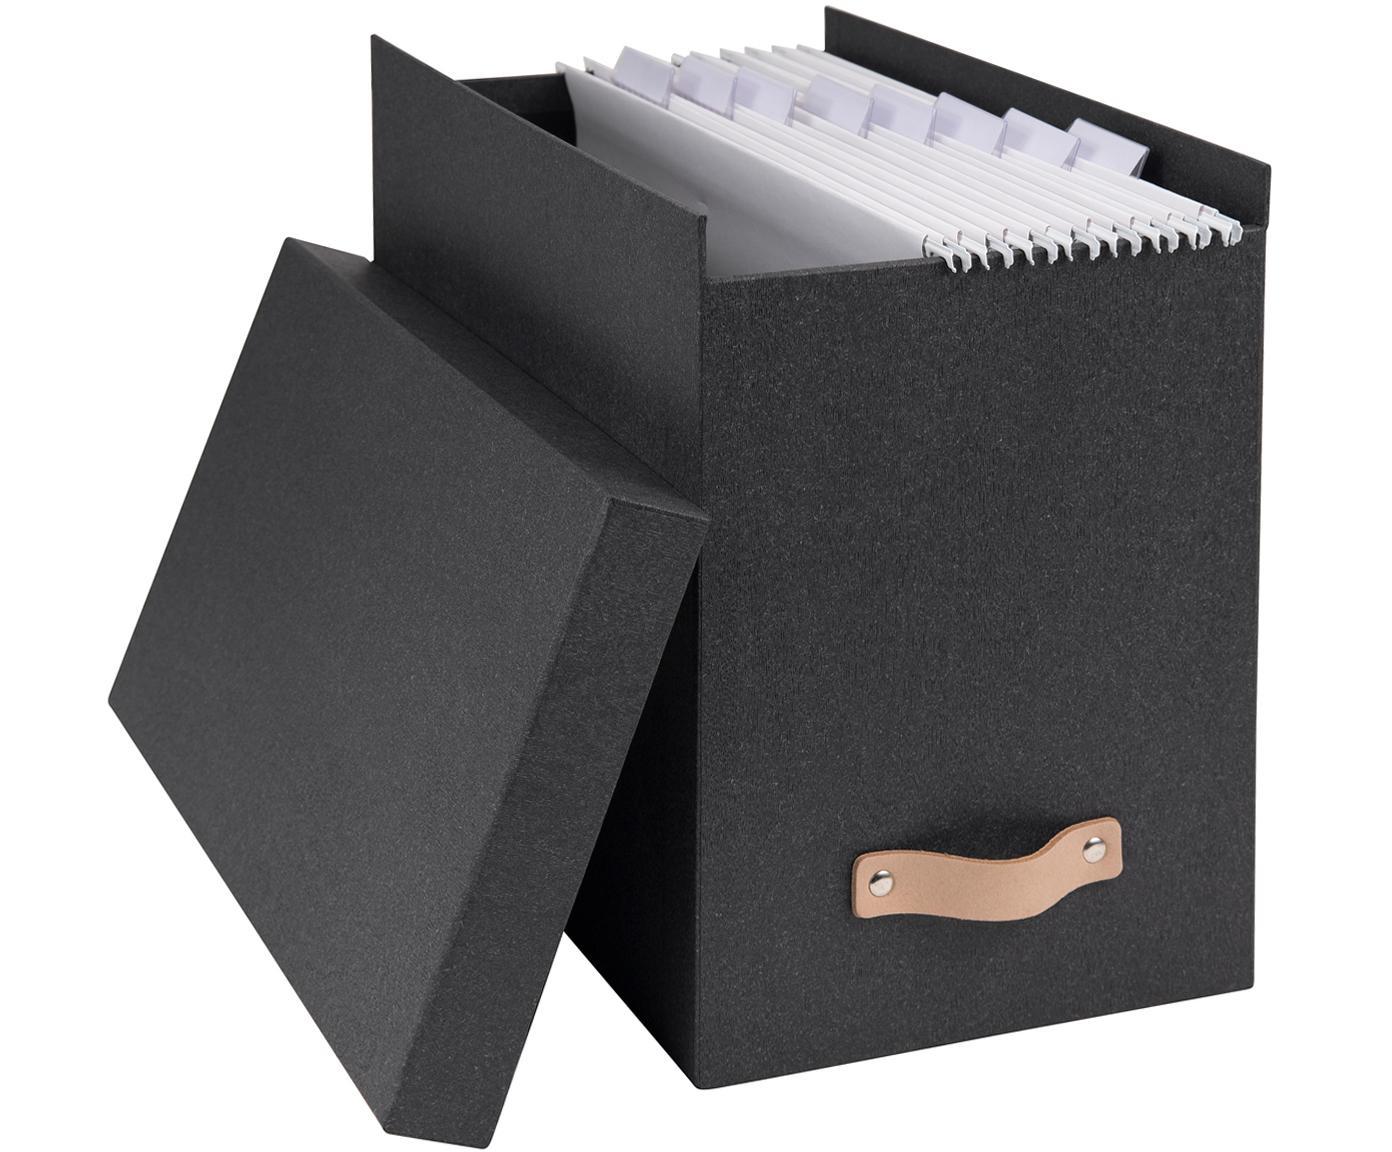 Hängeregister-Box Johan II, 9-tlg., Organizer: Fester Karton, mit Holzde, Griff: Leder, Organizer aussen: SchwarzOrganizer innen: SchwarzGriff: Beige, 19 x 27 cm